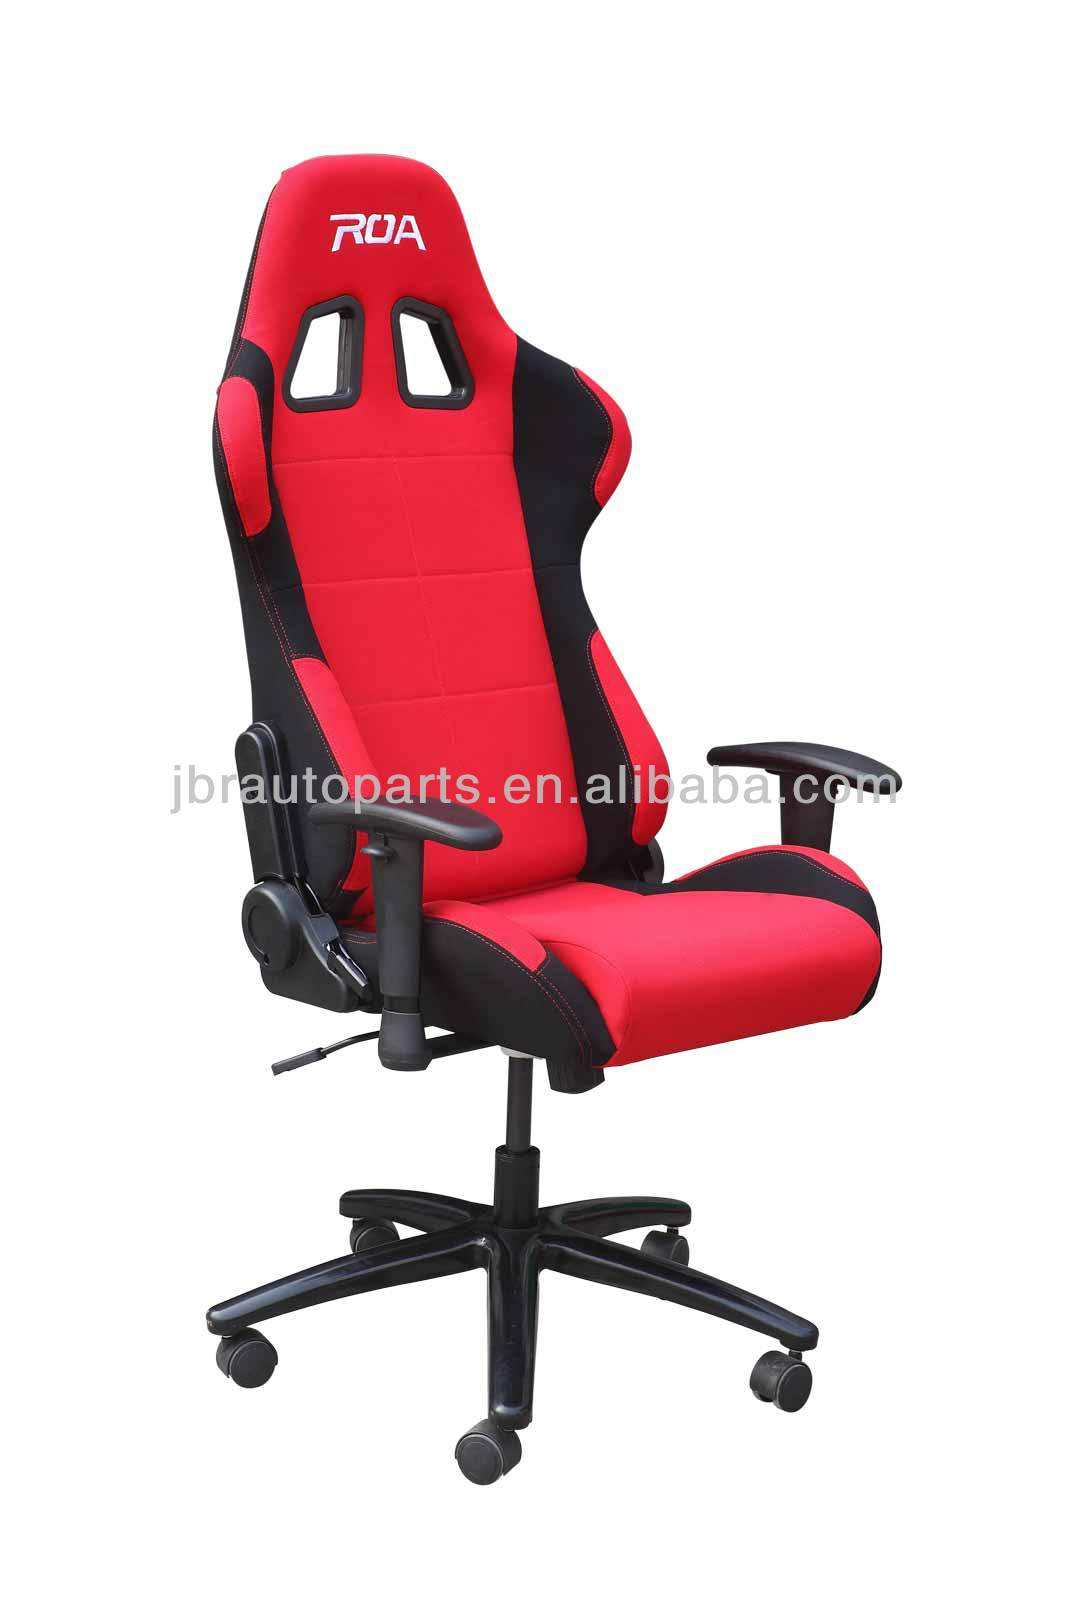 Nuevo estilo de carreras ejecutivo silla de muebles- jbr2011